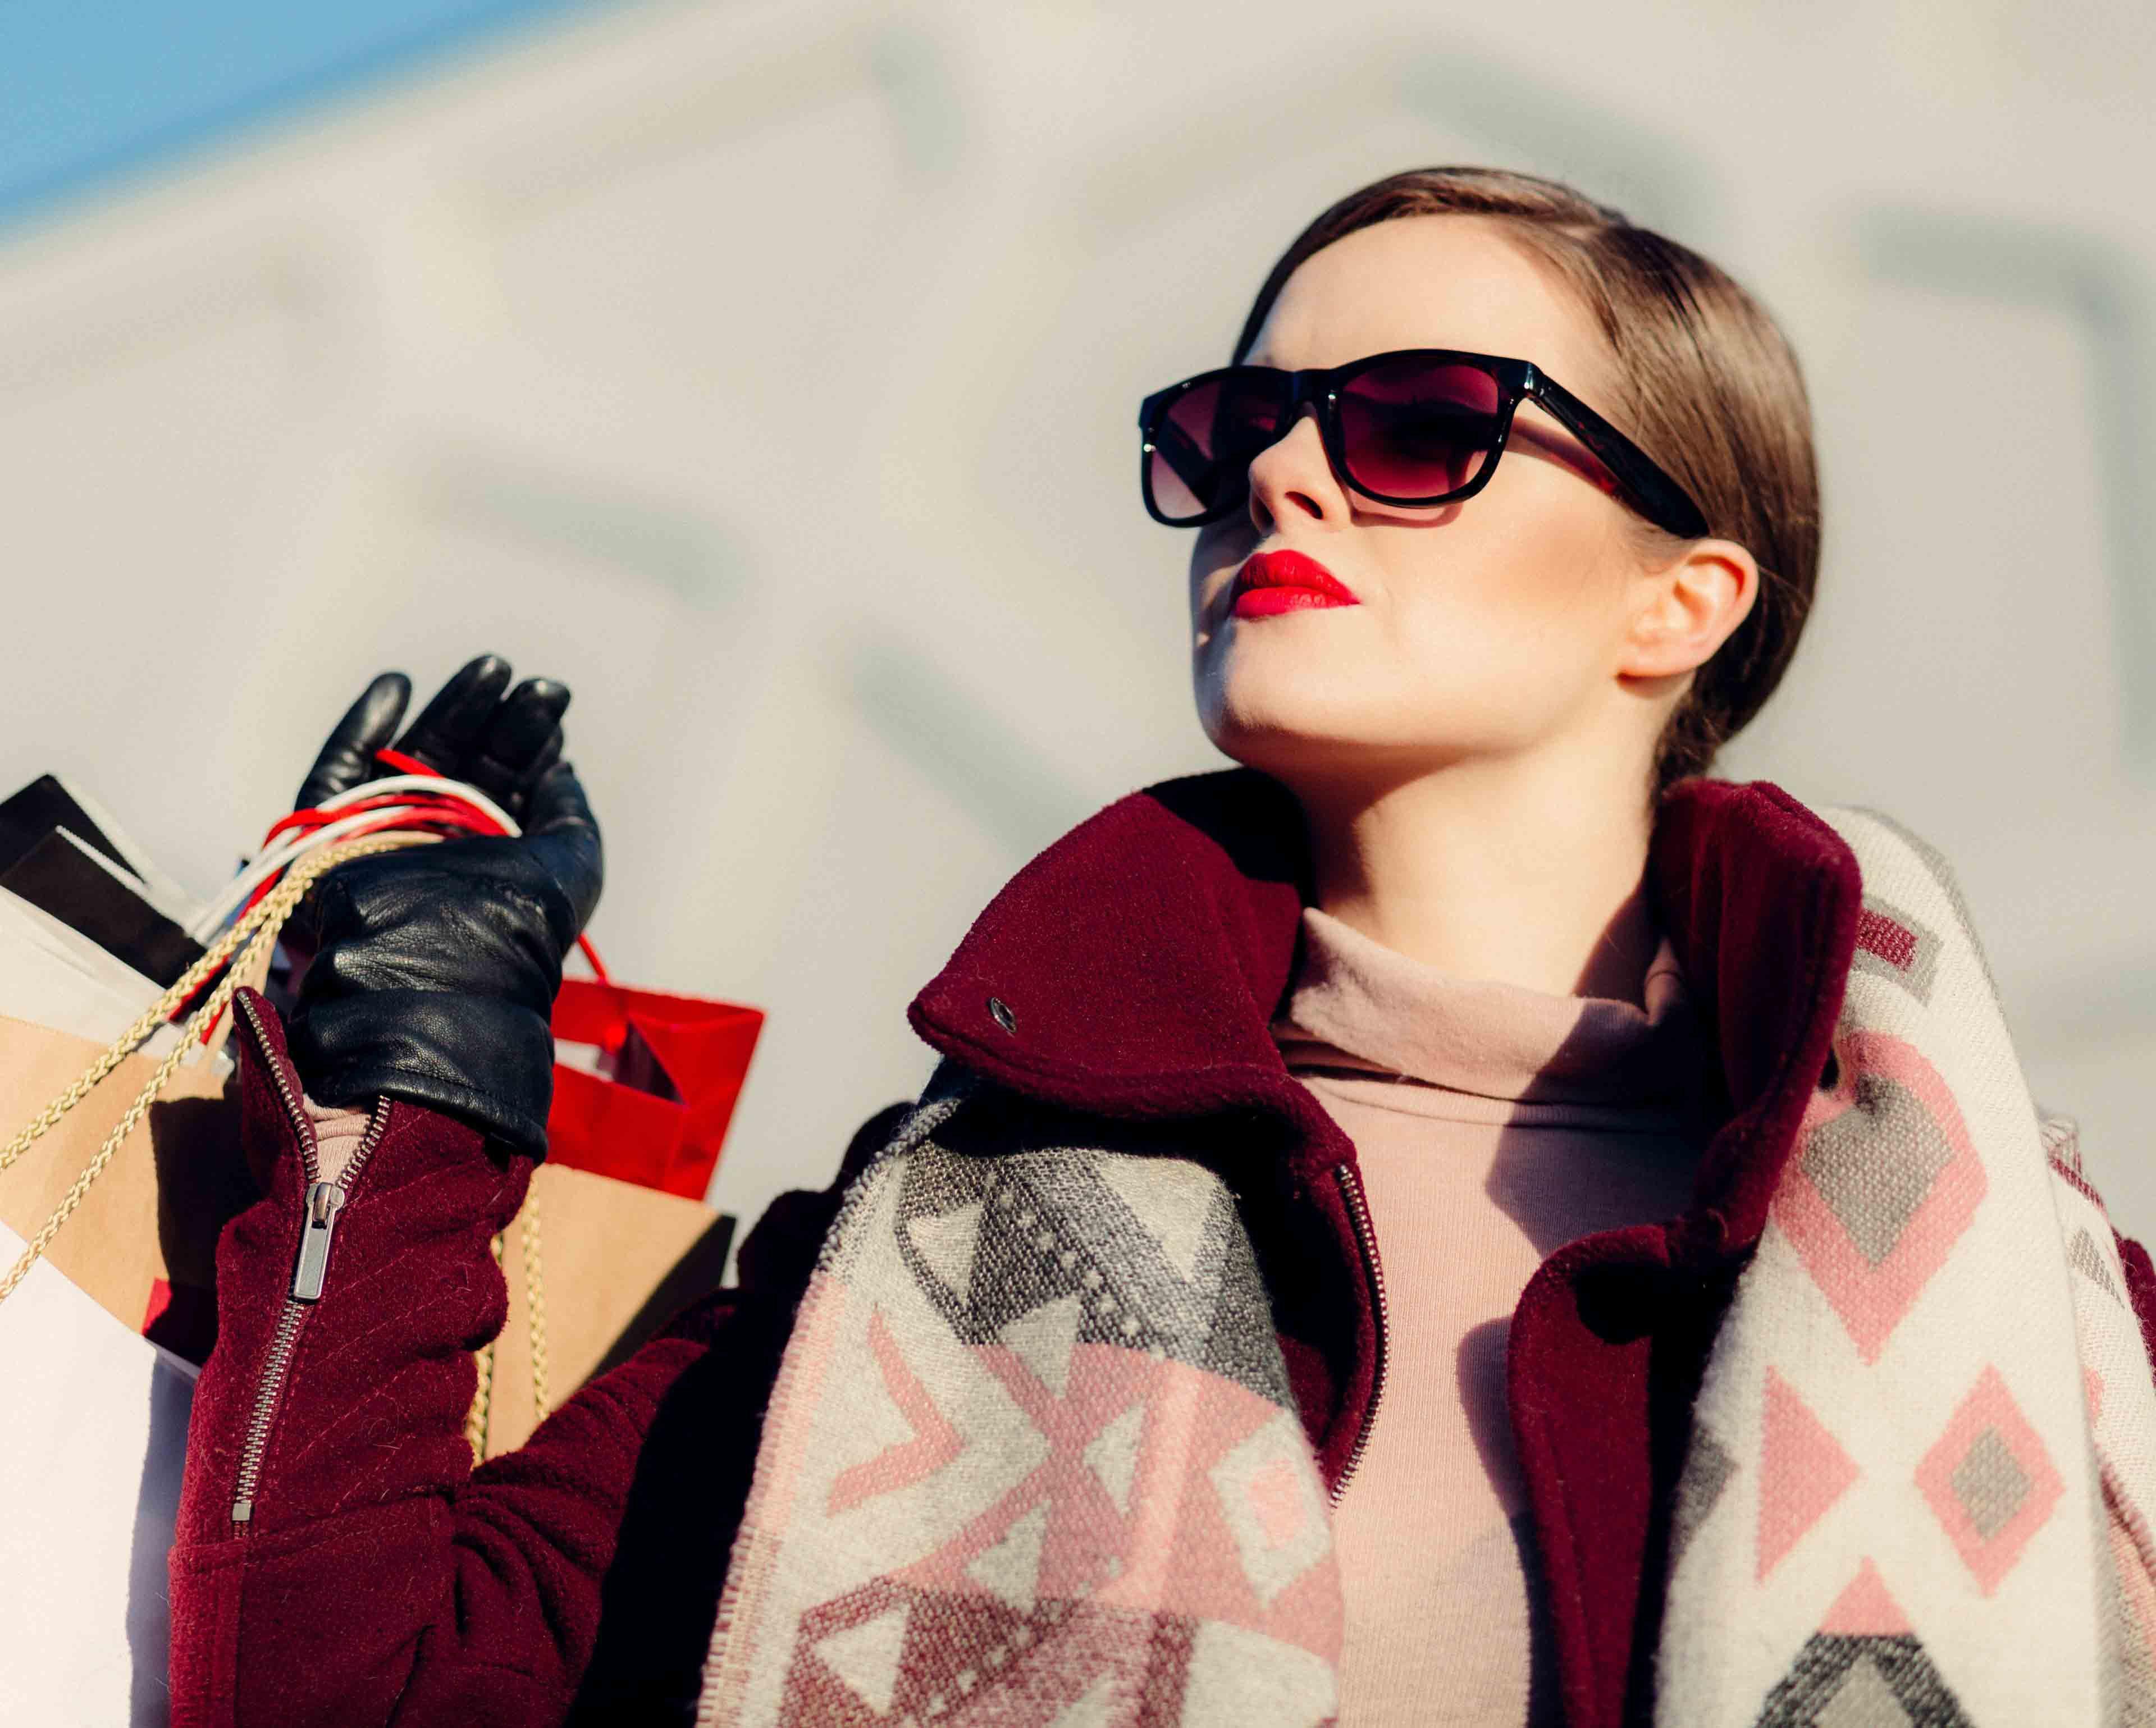 Ce rouge à lèvres qui vous correspond à la perfection selon votre signe astrologique